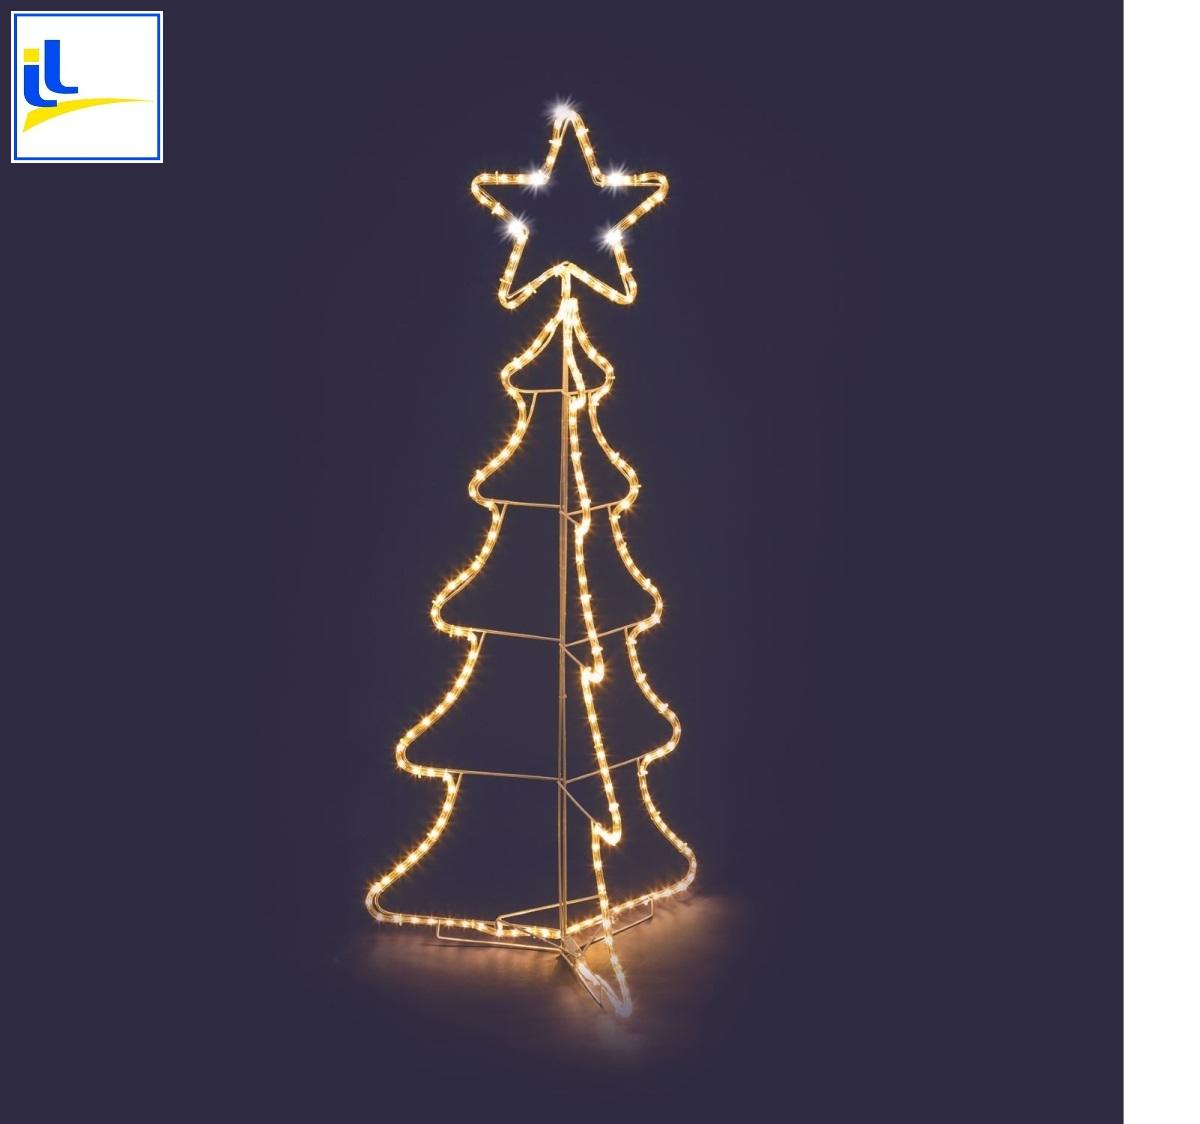 Luci Albero Natale.Albero Natale 216 Led Alto Cm 130